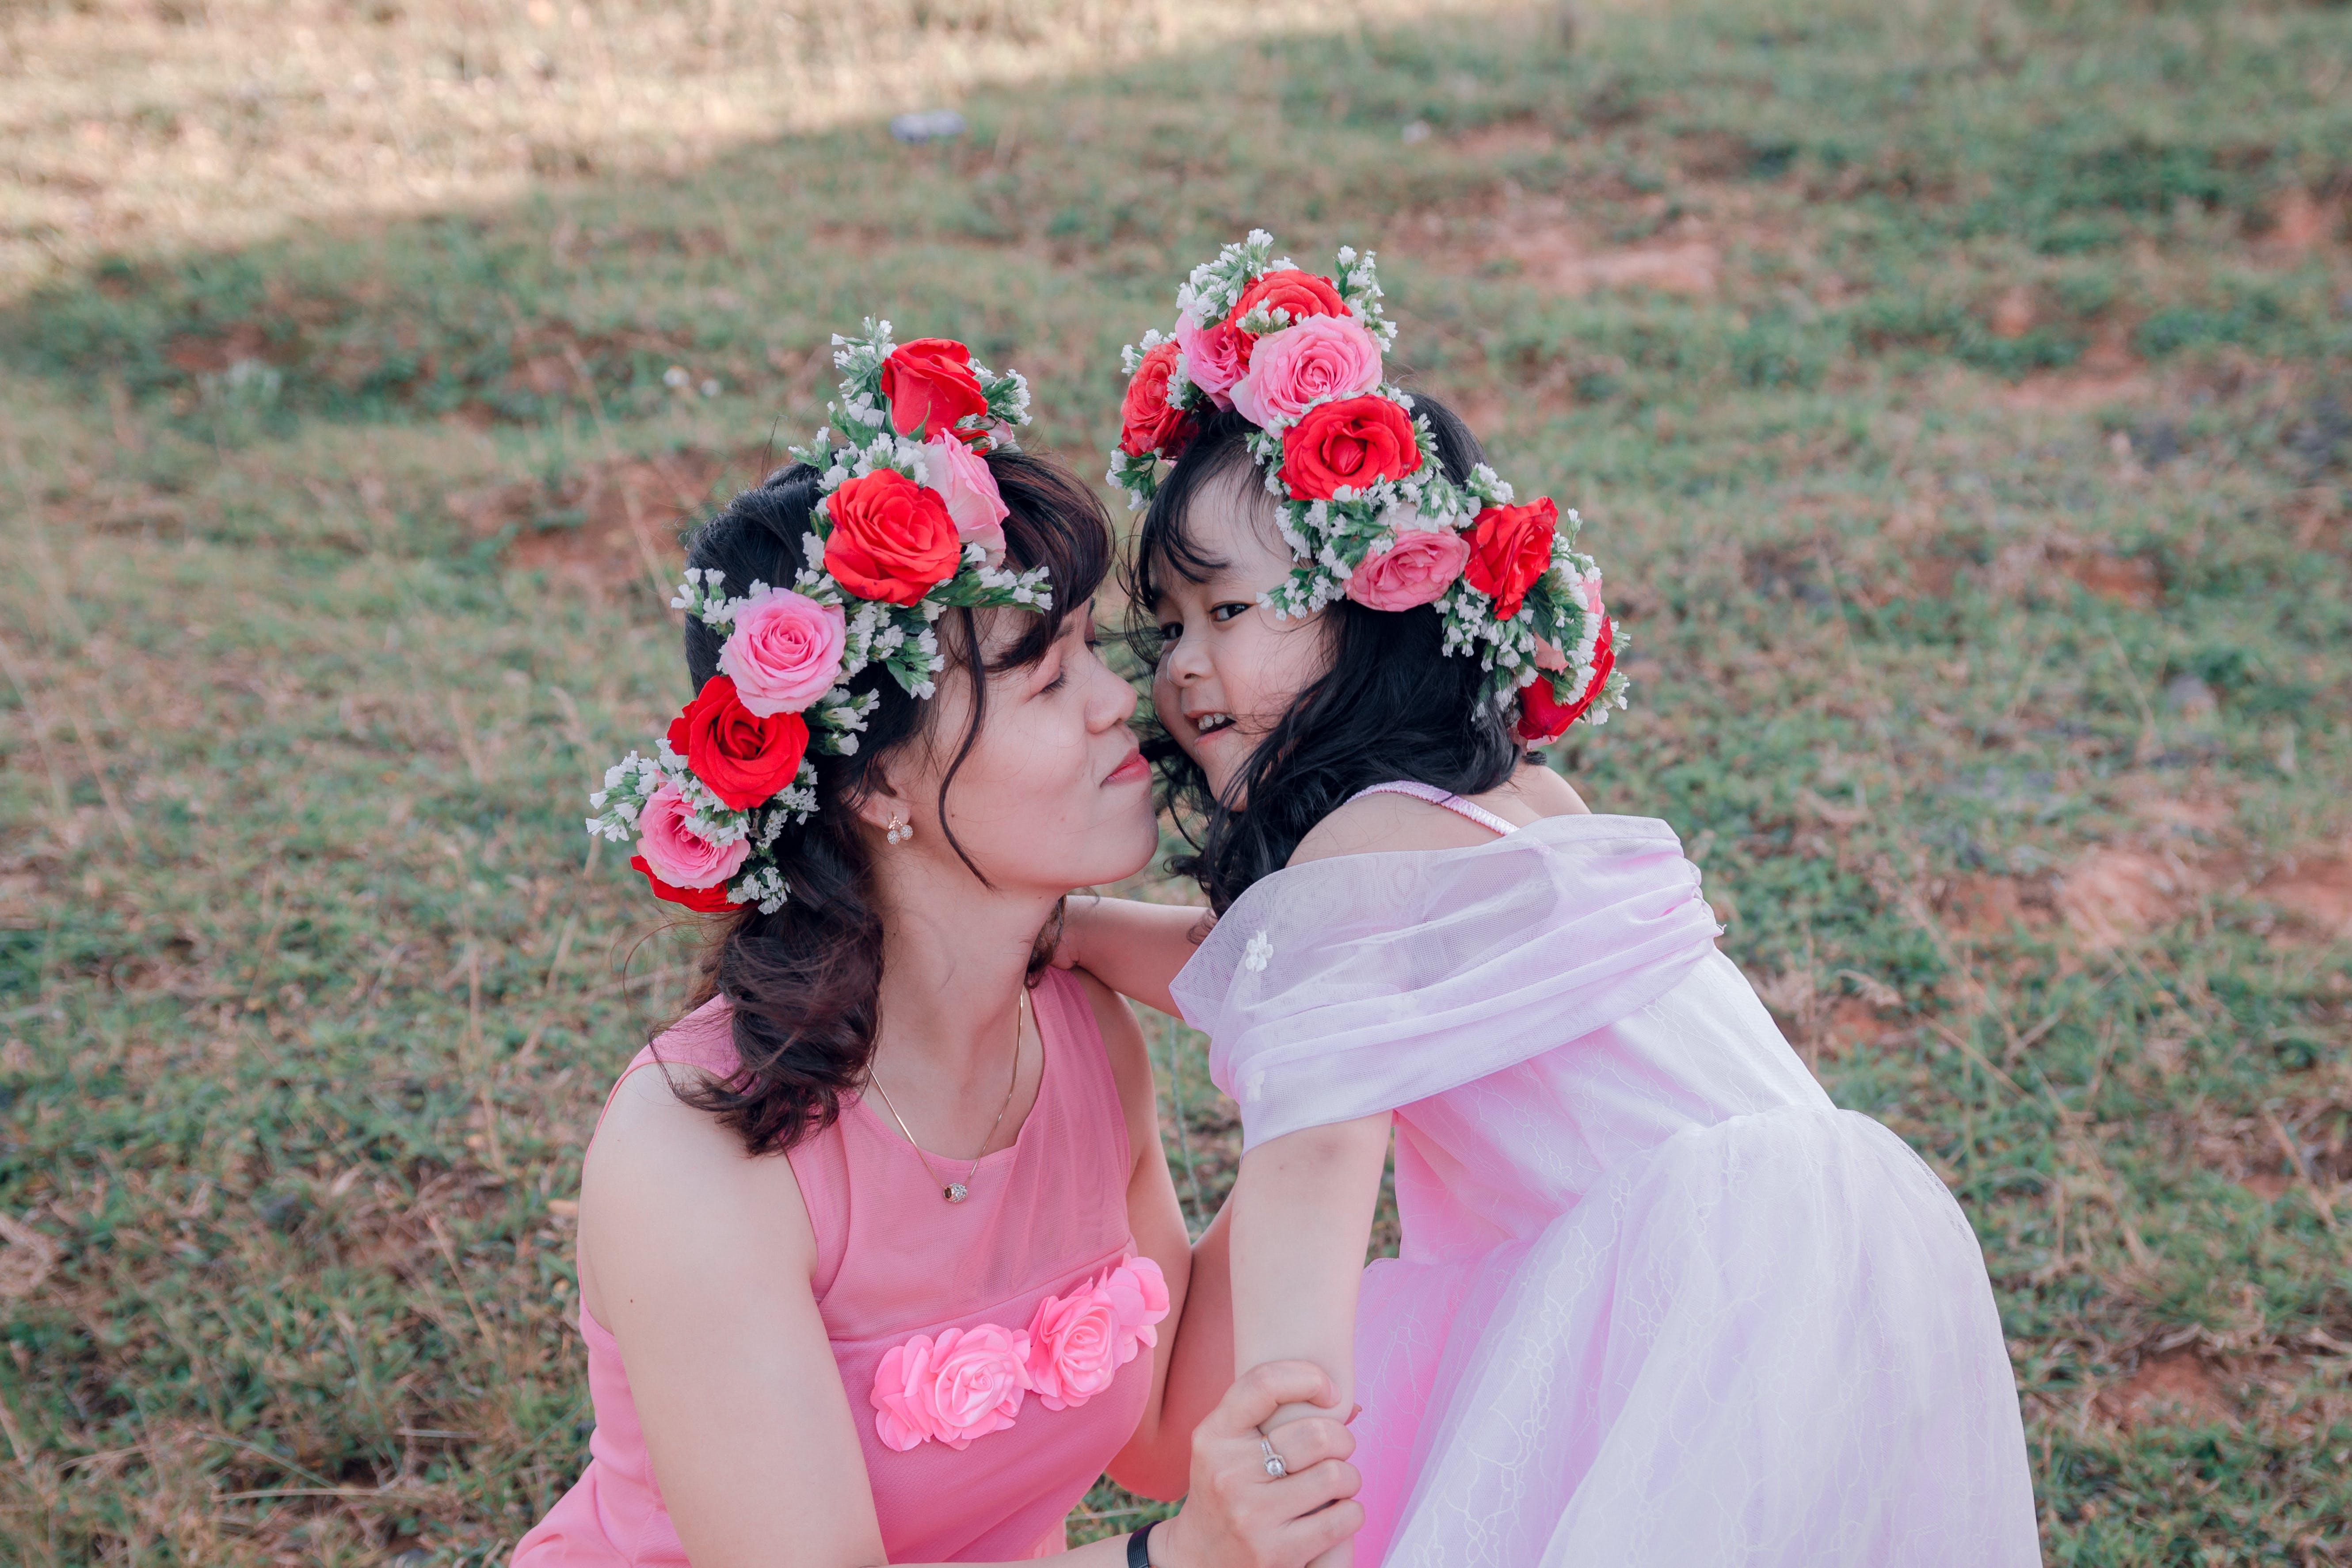 Δωρεάν στοκ φωτογραφιών με αγάπη, Άνθρωποι, ασιάτες, γαμήλια τελετή